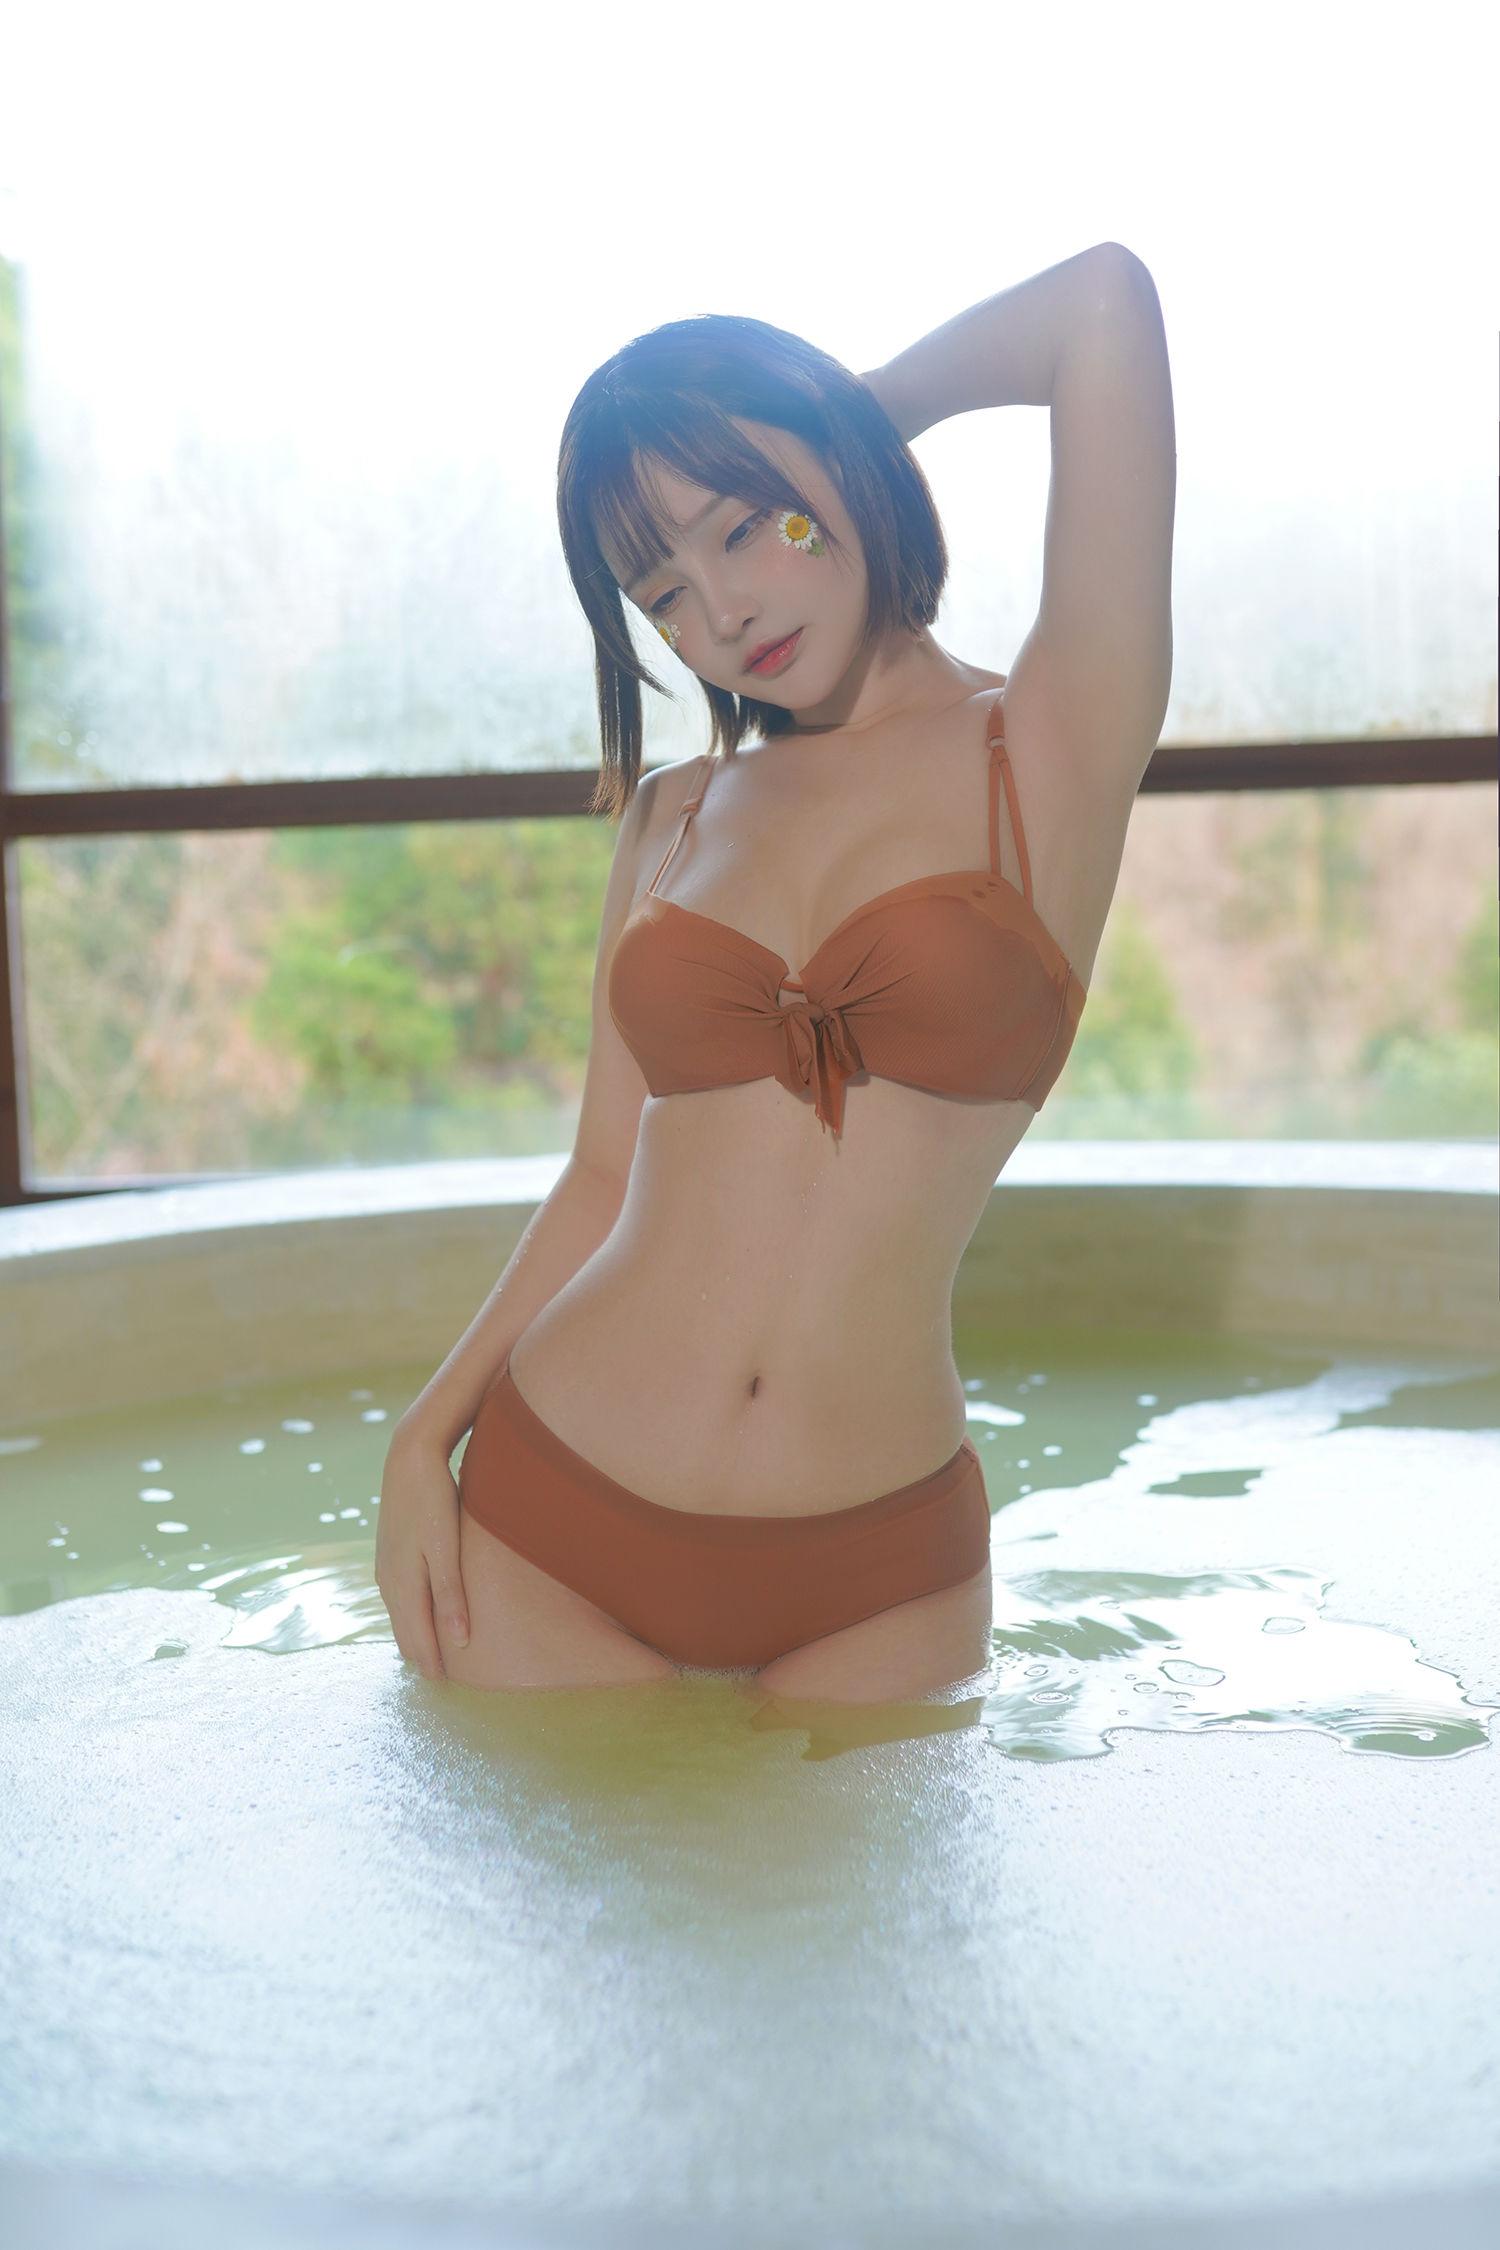 千夜未来(Senya Miku)- 温泉 写真套图[14P]插图(6)